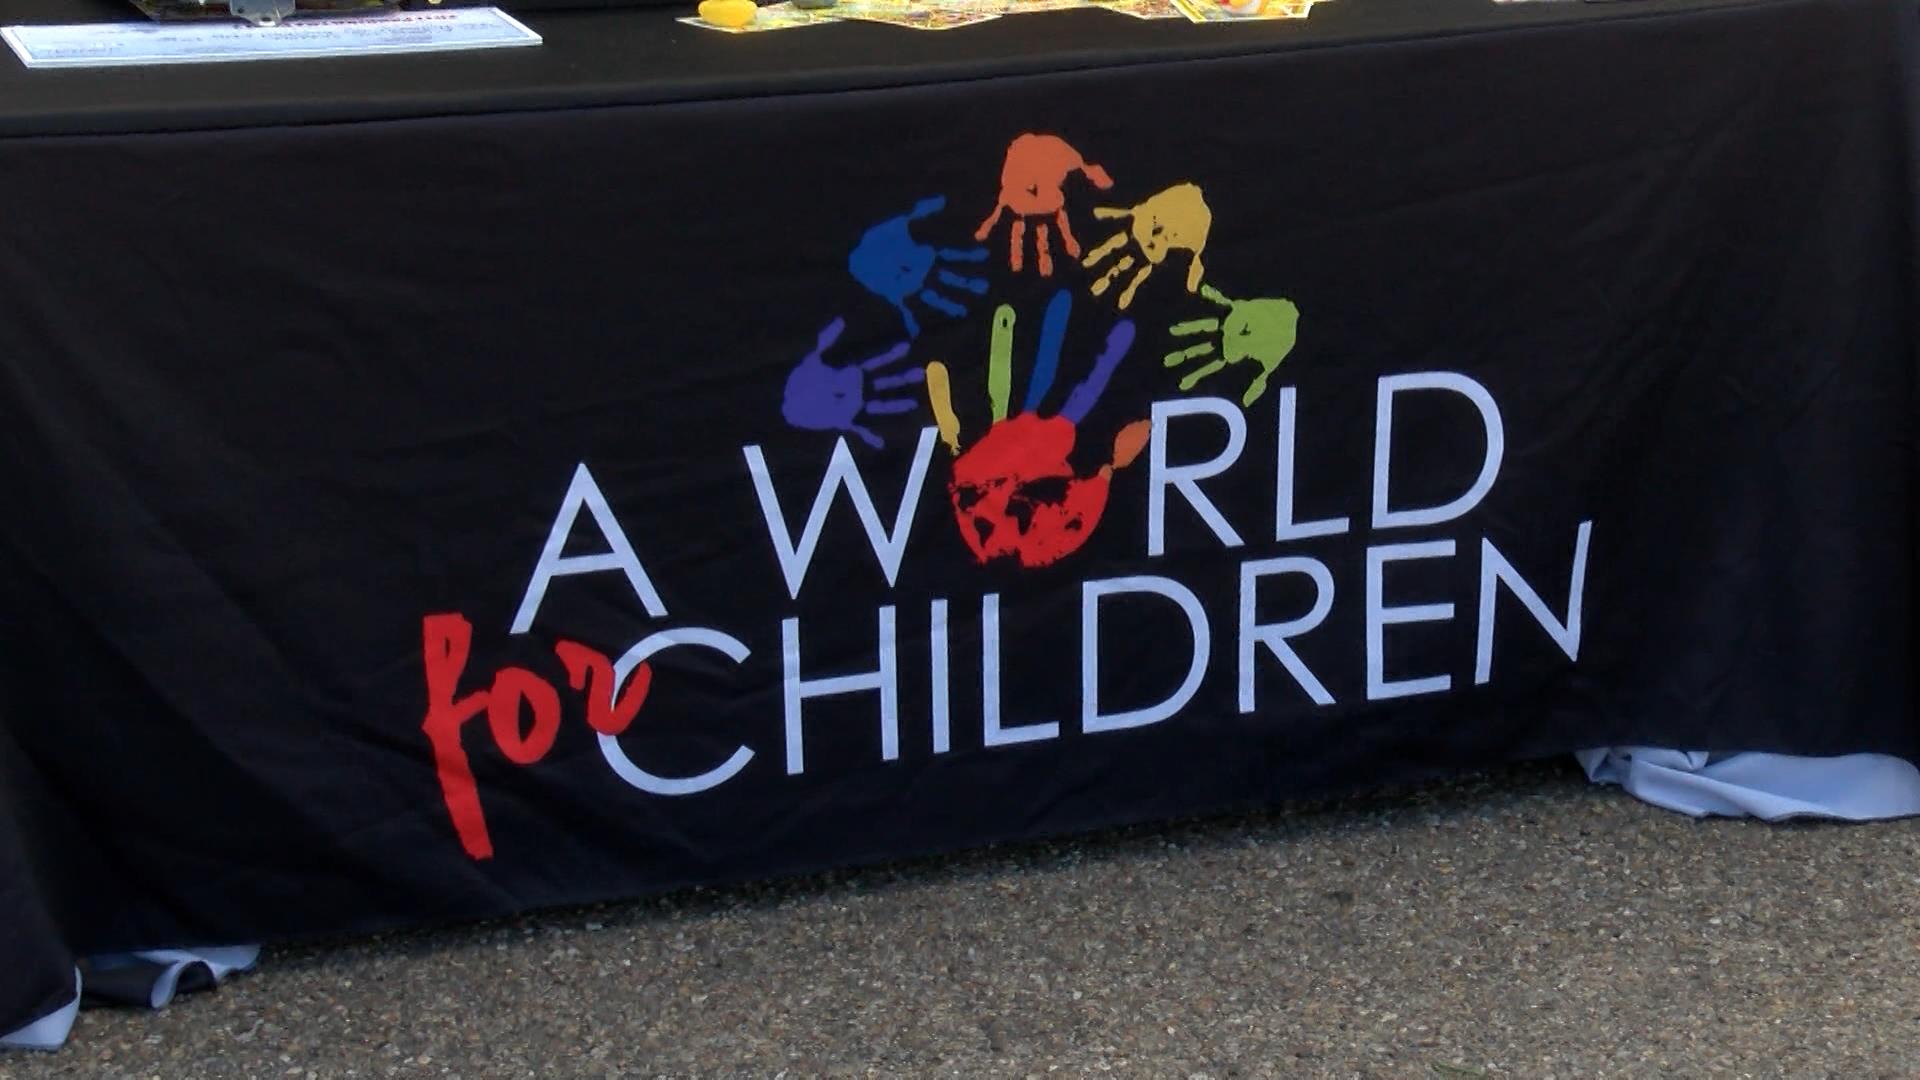 A WORLD FOR CHILDREN_1501365658968.jpg